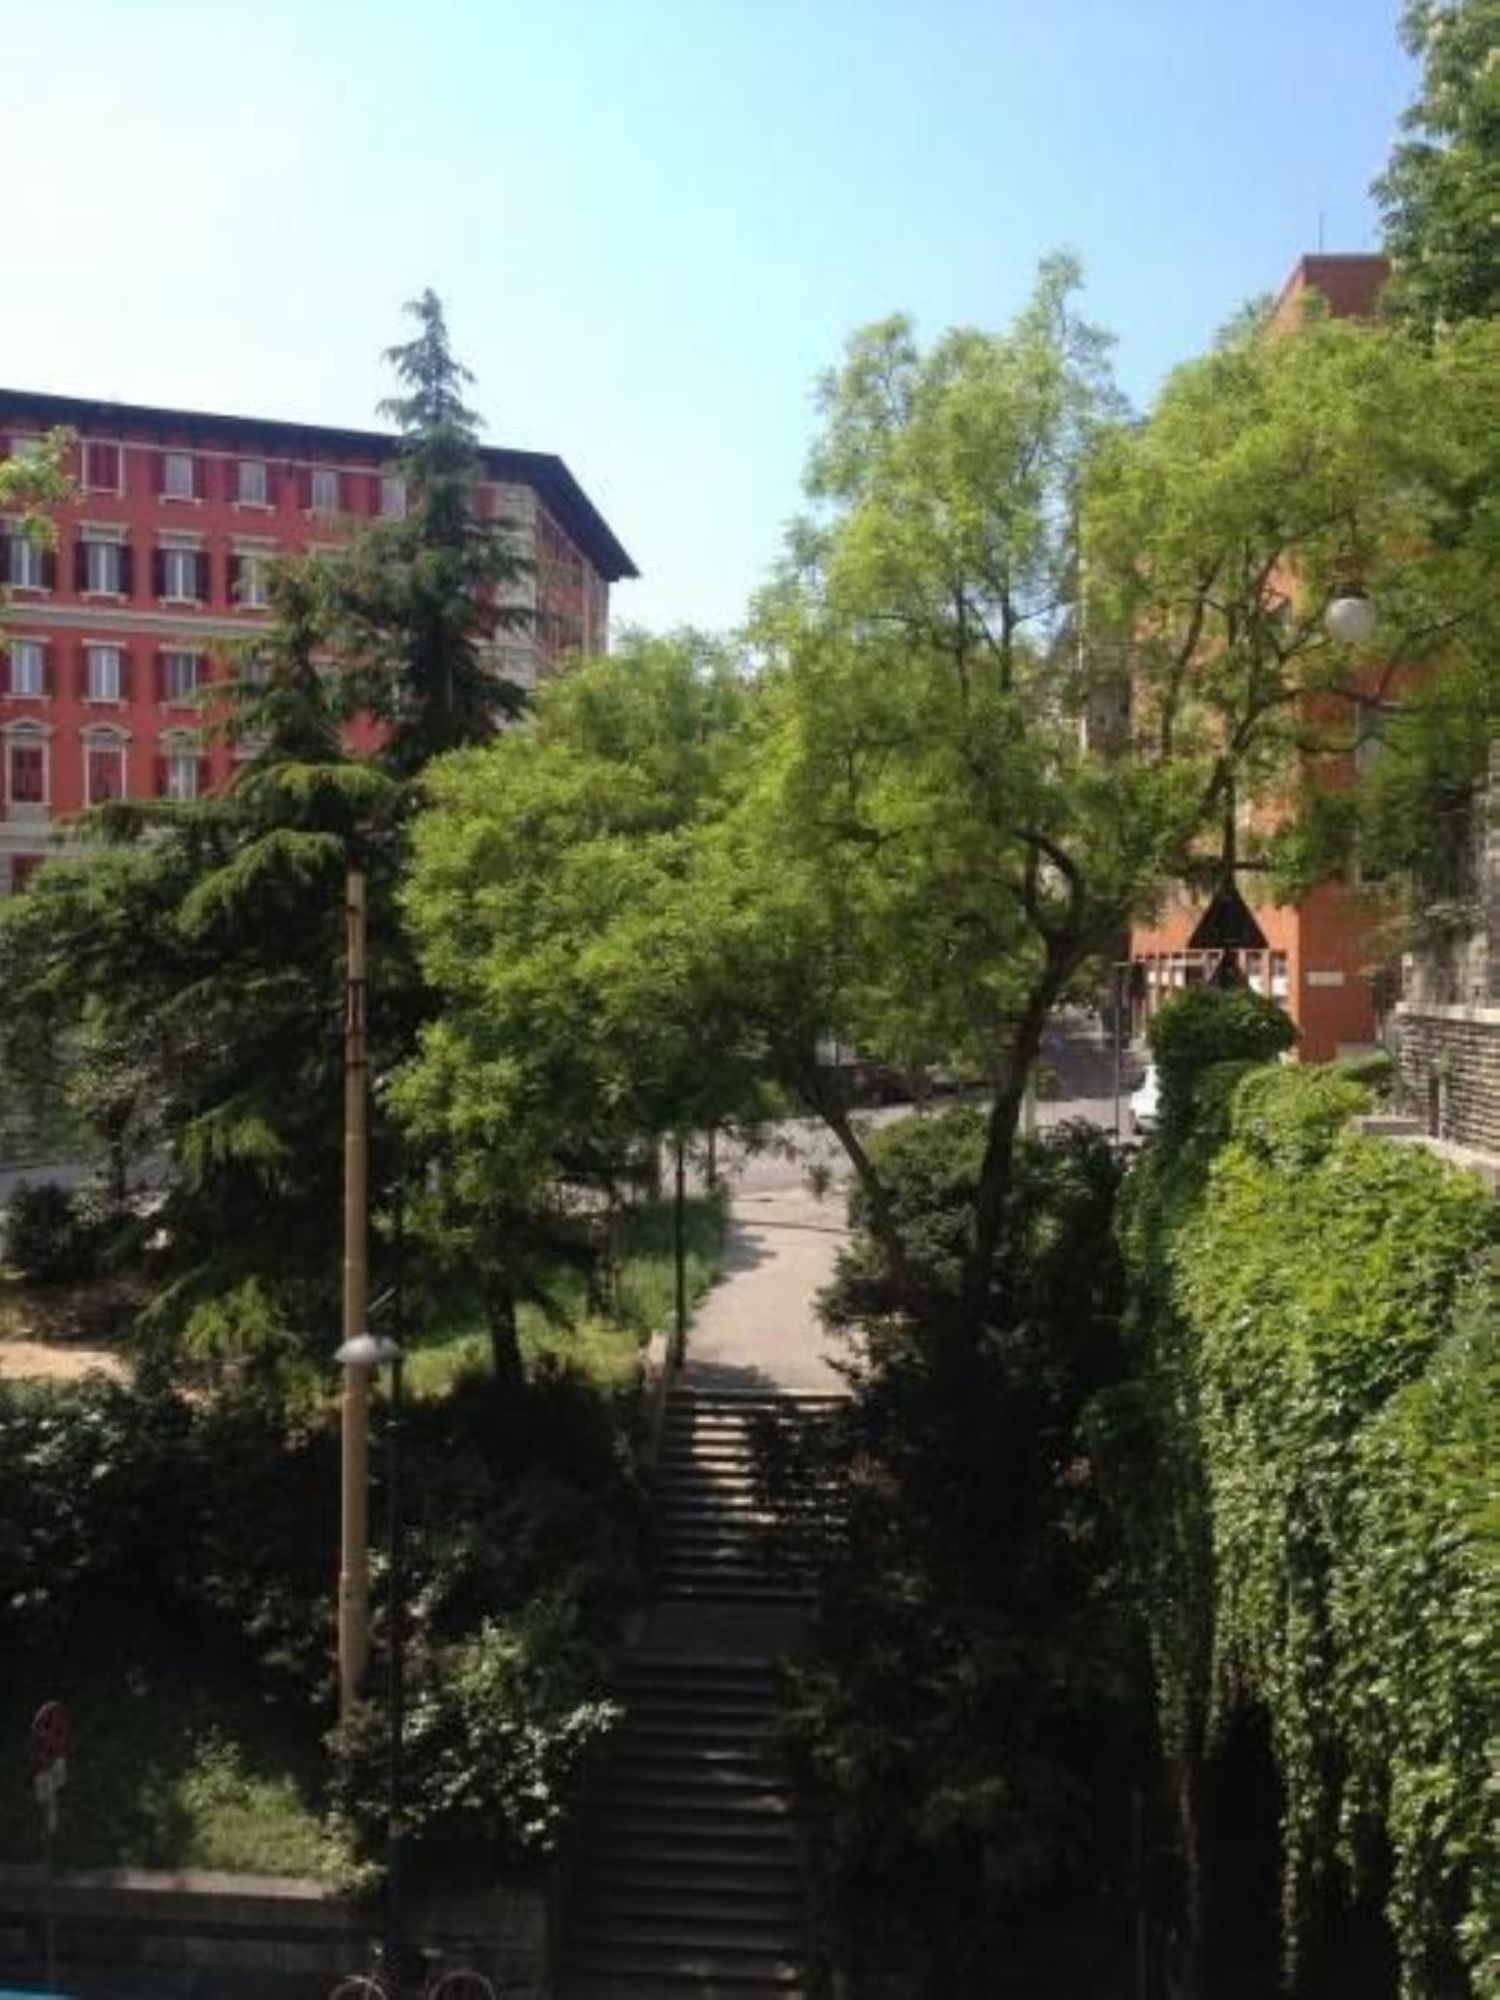 Appartamento in vendita a Trieste, 4 locali, prezzo € 98.000 | Cambio Casa.it